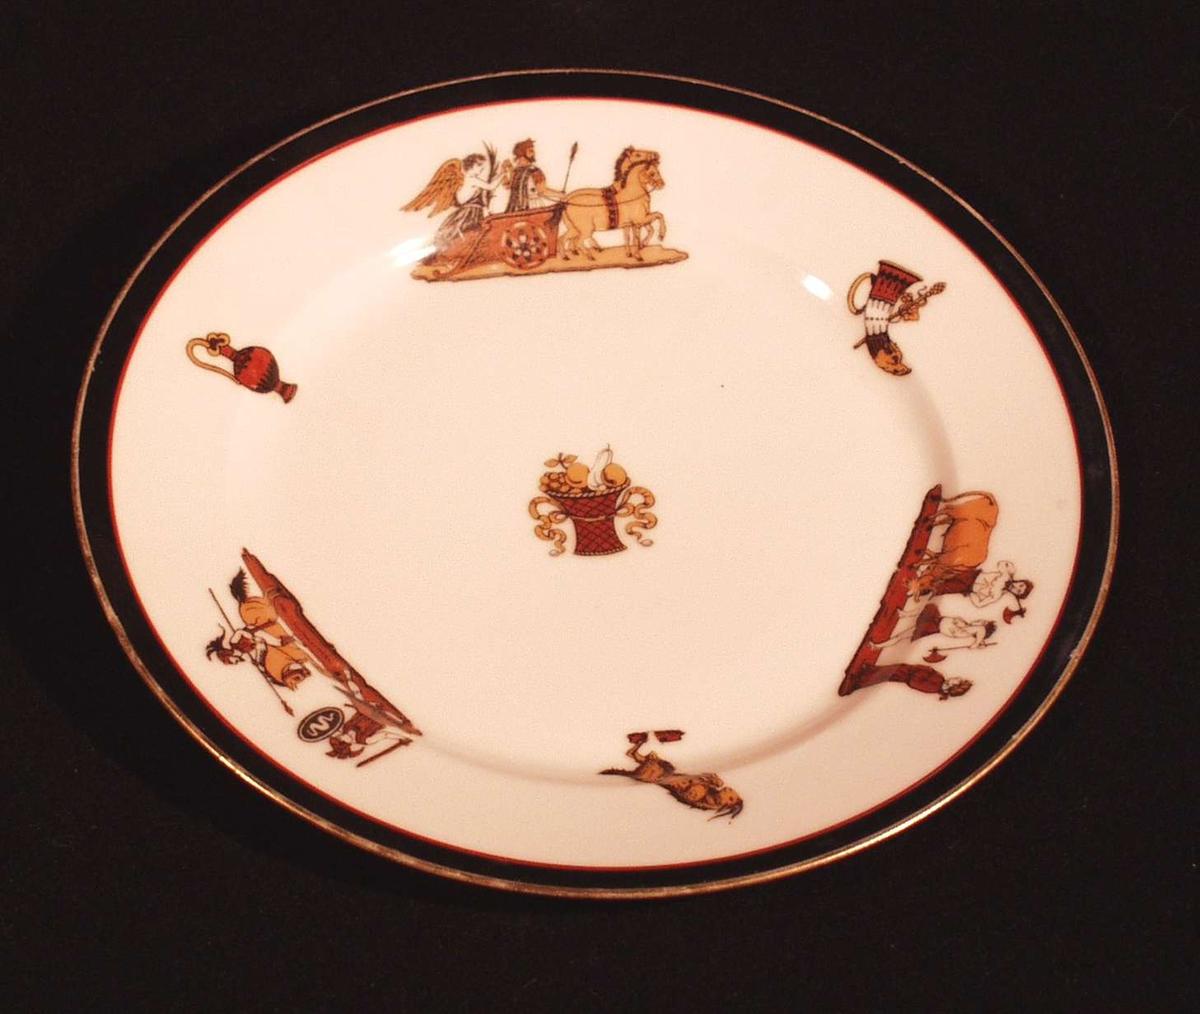 3 større og 3 mindre Herculaneum figurer langs kanten, et stort i midten.  Tallerkenen har langs kanten ytterst en bred, svart rand med gullstrek, innenfor en rød strek.